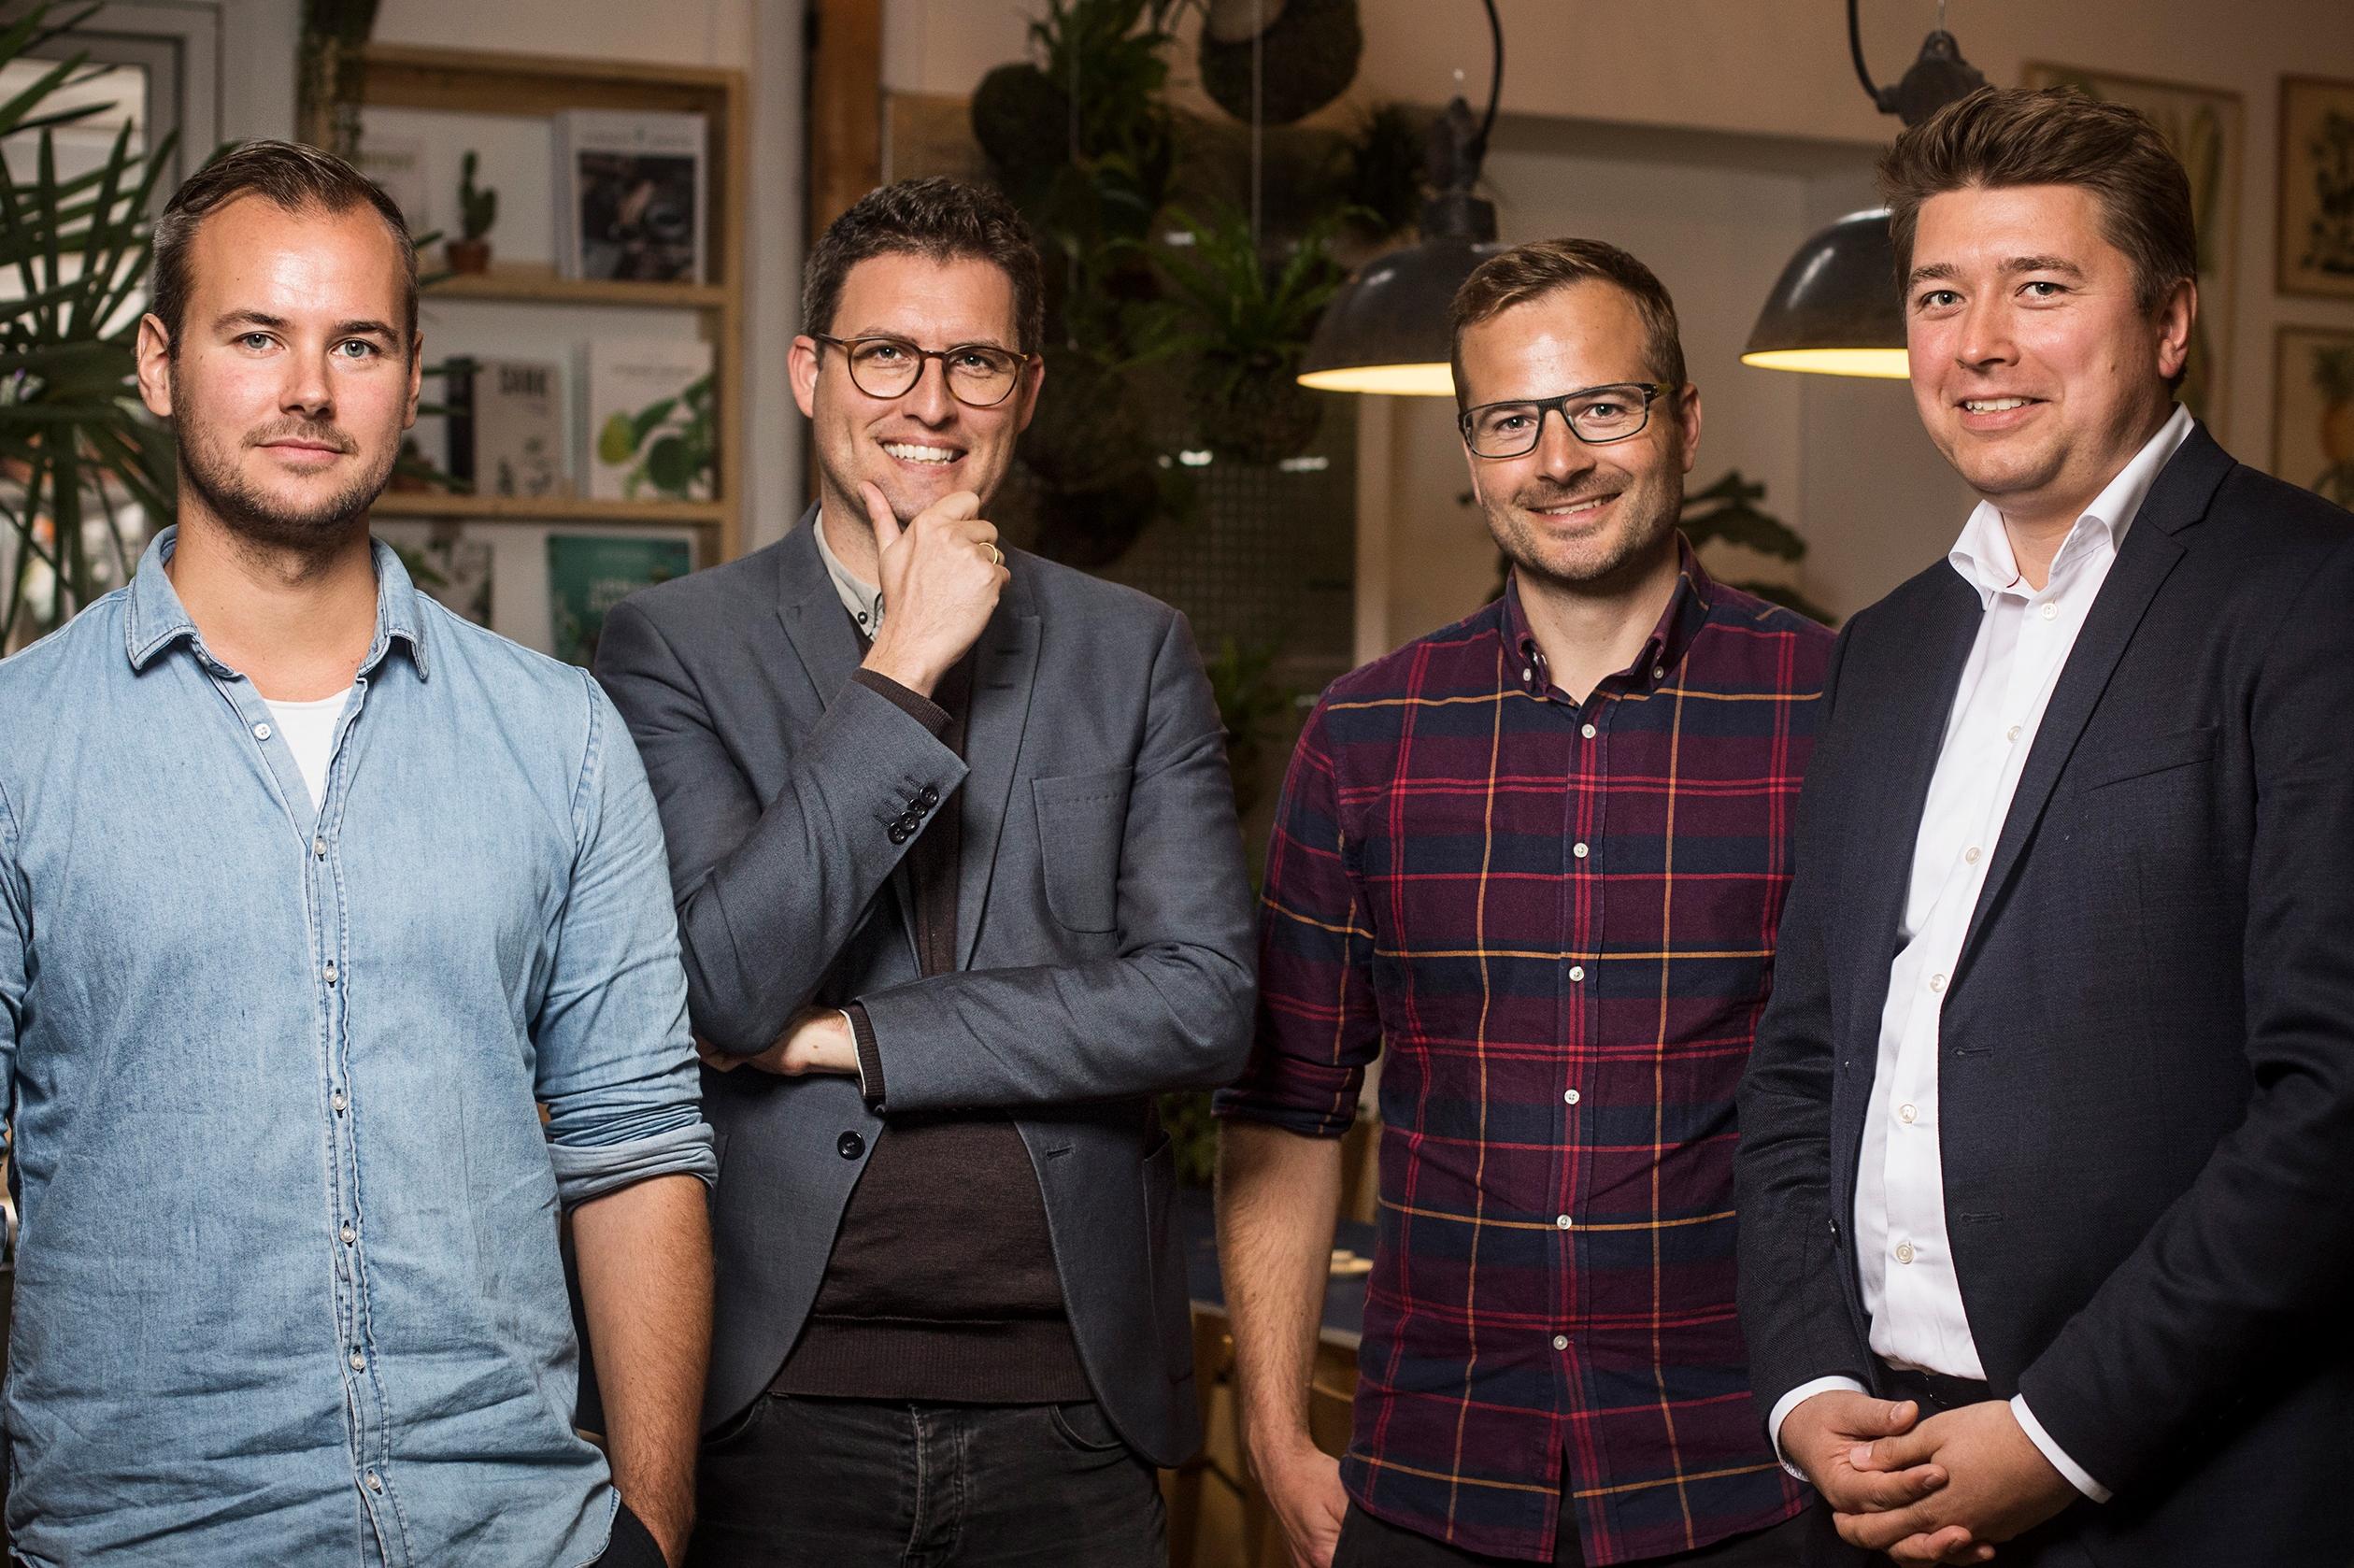 Grundlæggerne af danske Gaest.com, der i januar blev købt af Airbnb.com, er fra venstre Chris Sørensen, Christian Schwarz Lausten, Jonas Grau og Anders Boelskifte Mogensen. Foto: Gaest.com